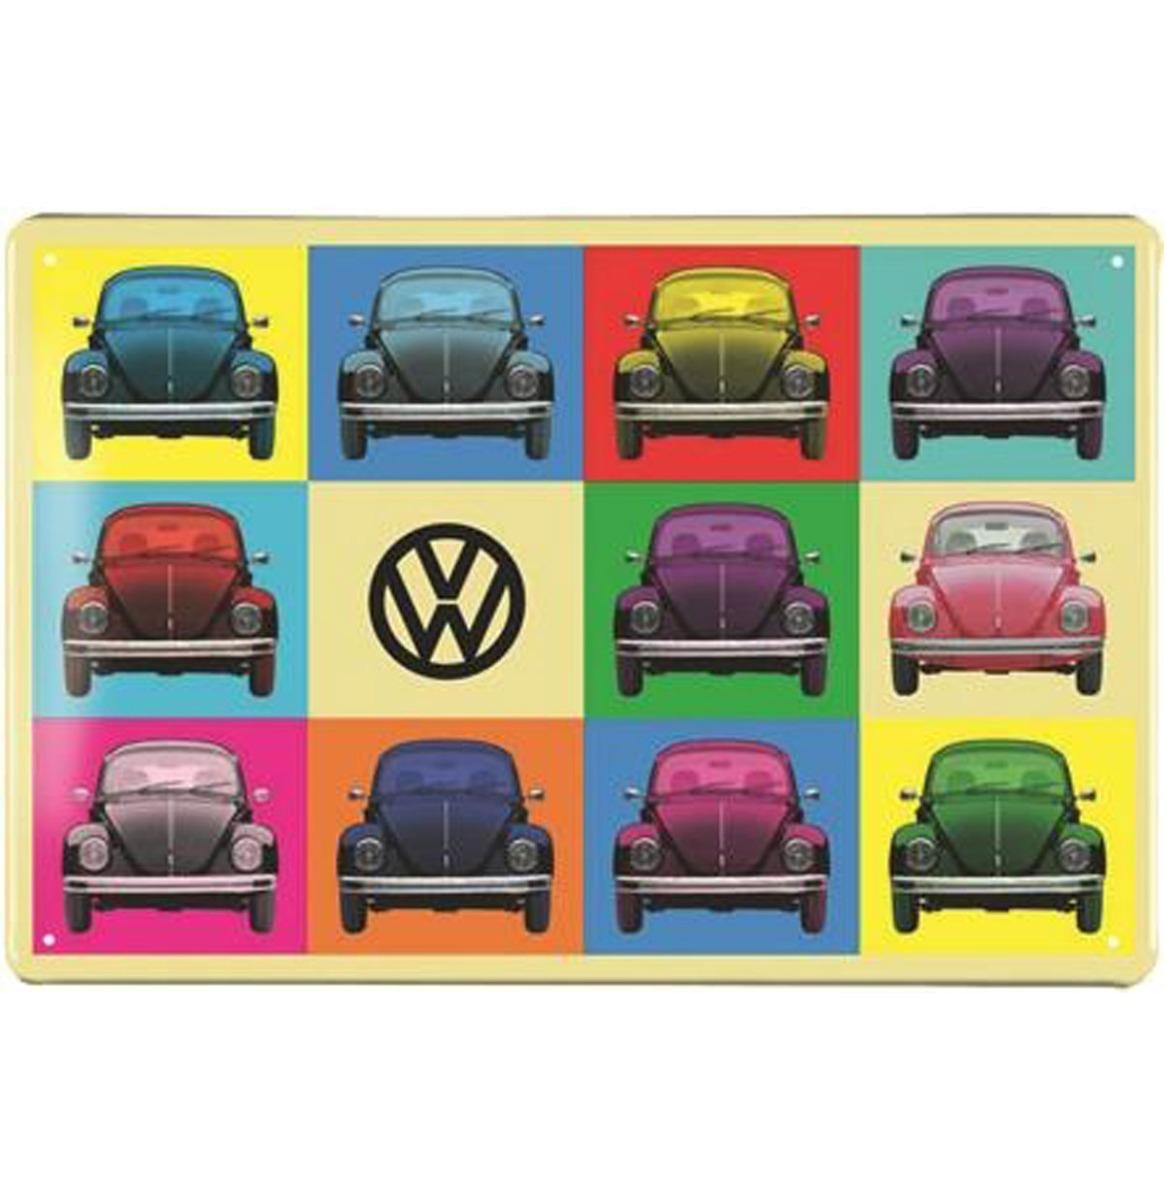 Volkswagen Beetle Metalen Bord 20 x 30 - Veelkleurig